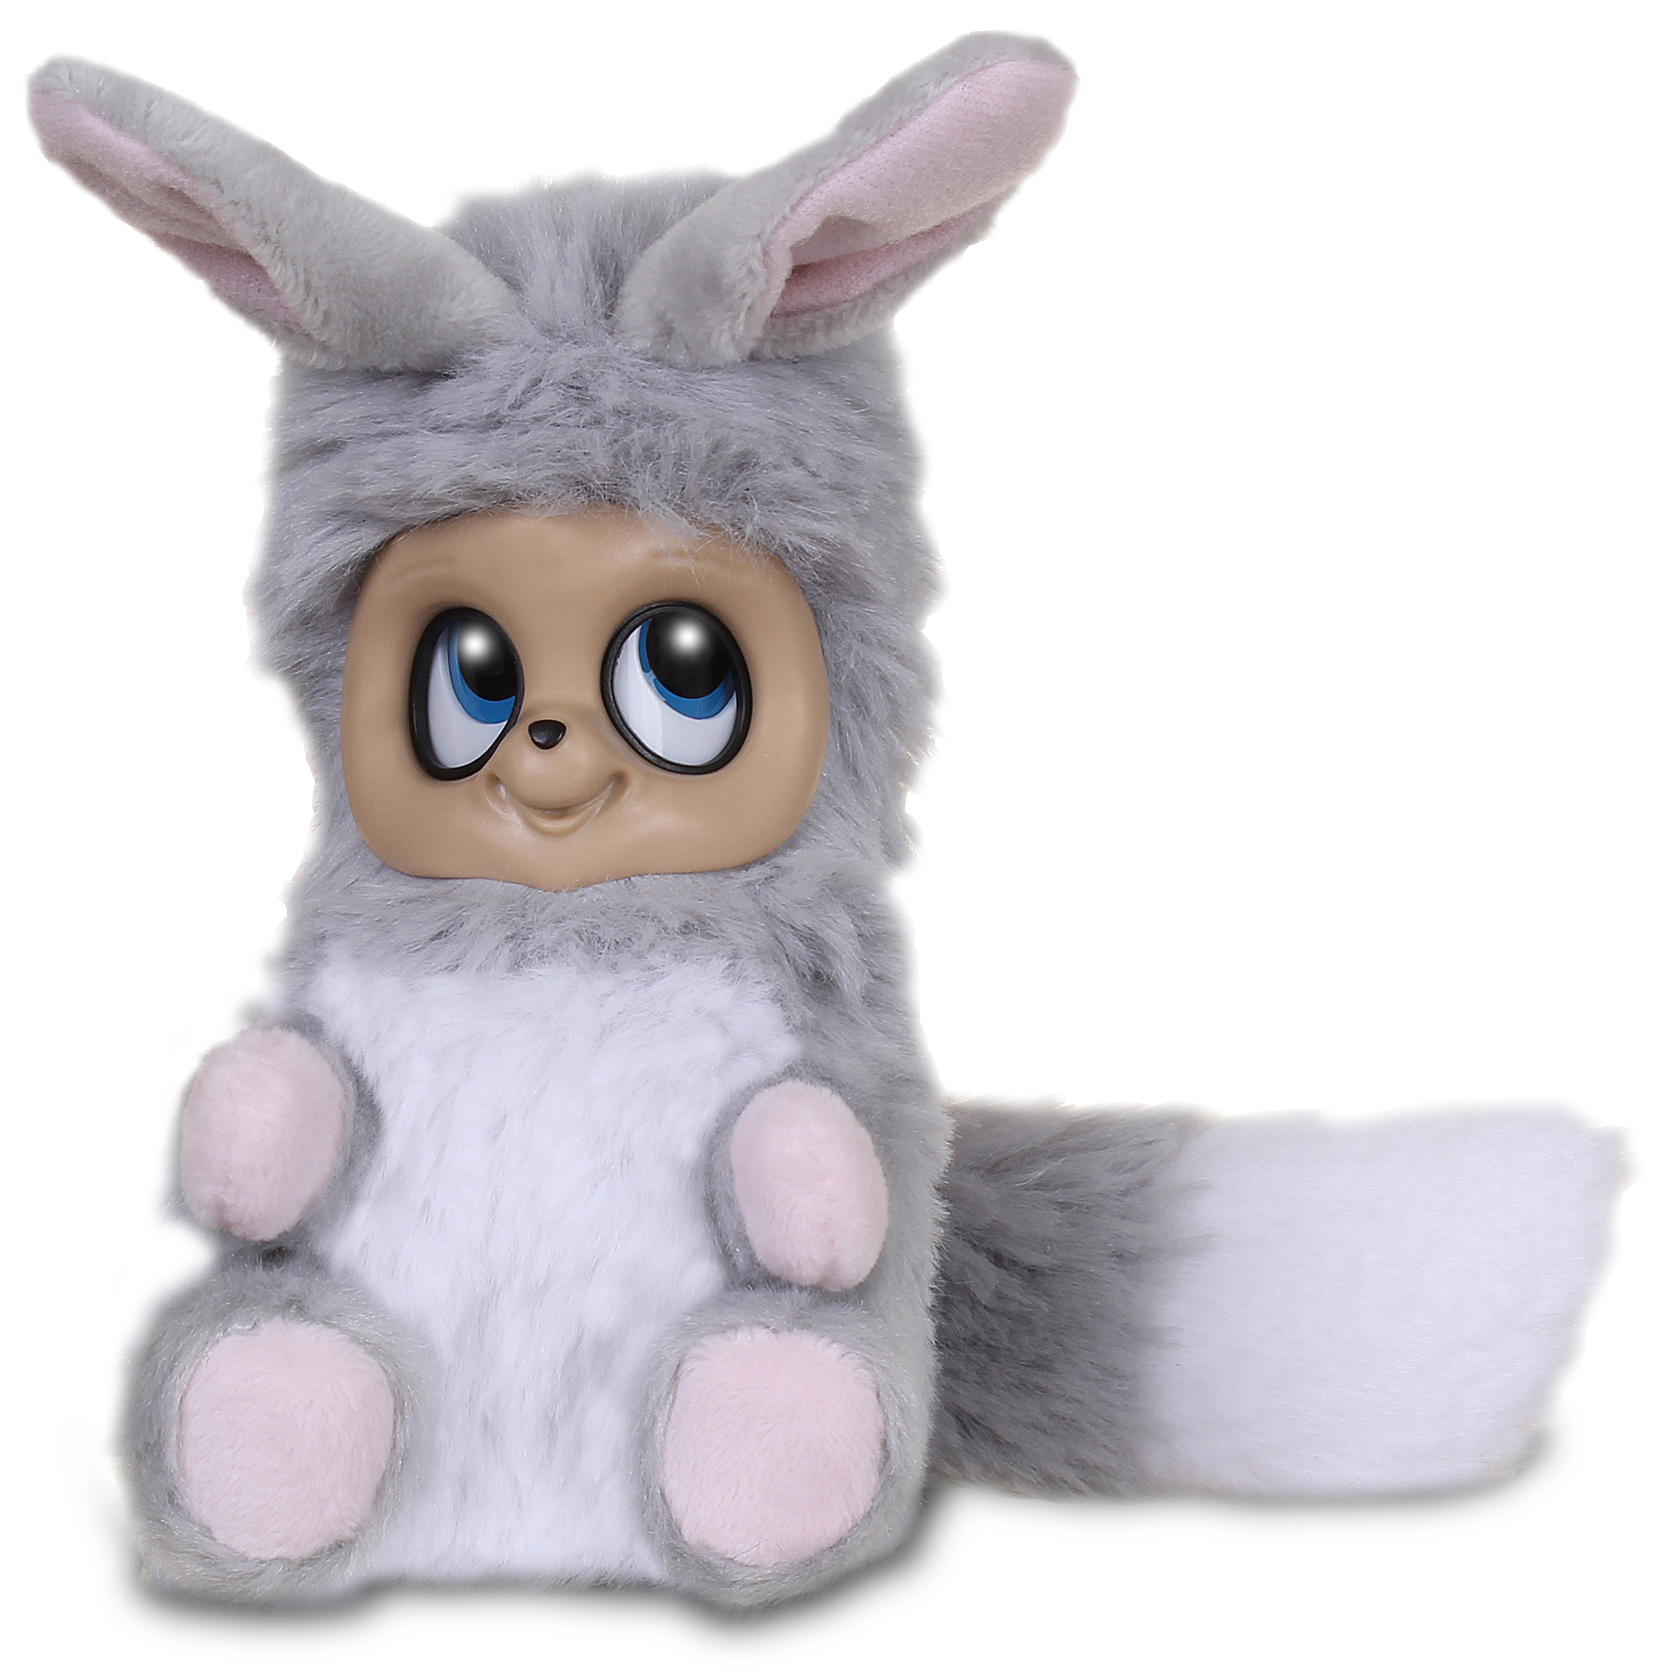 Fur Baby World Dreamstars, Mimi